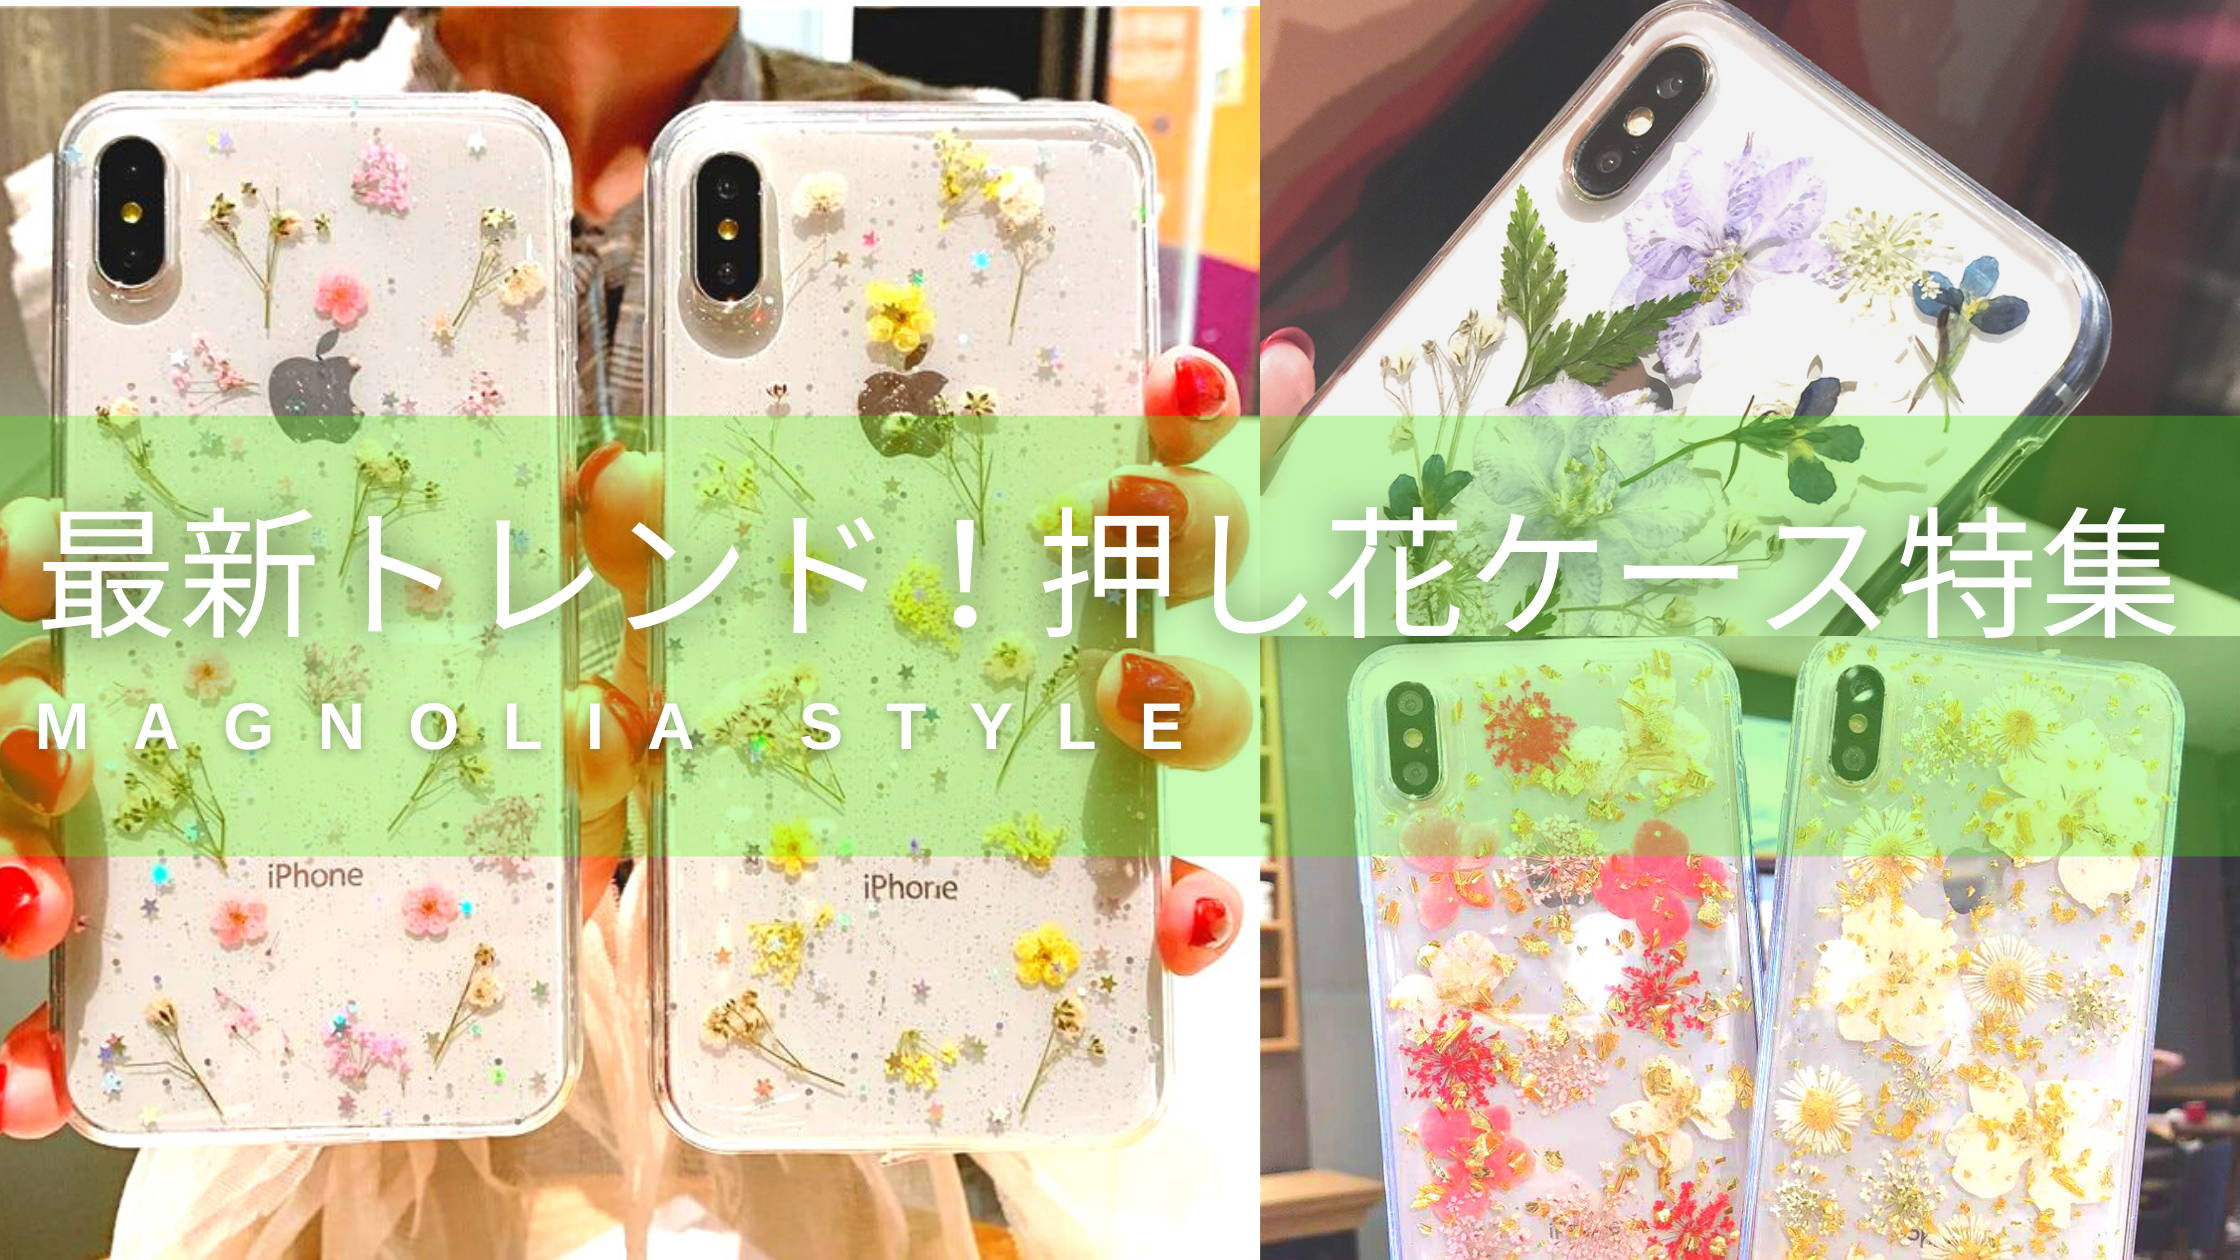 押し花 押し花iPhoneケース 押し花ケース 花柄ケース